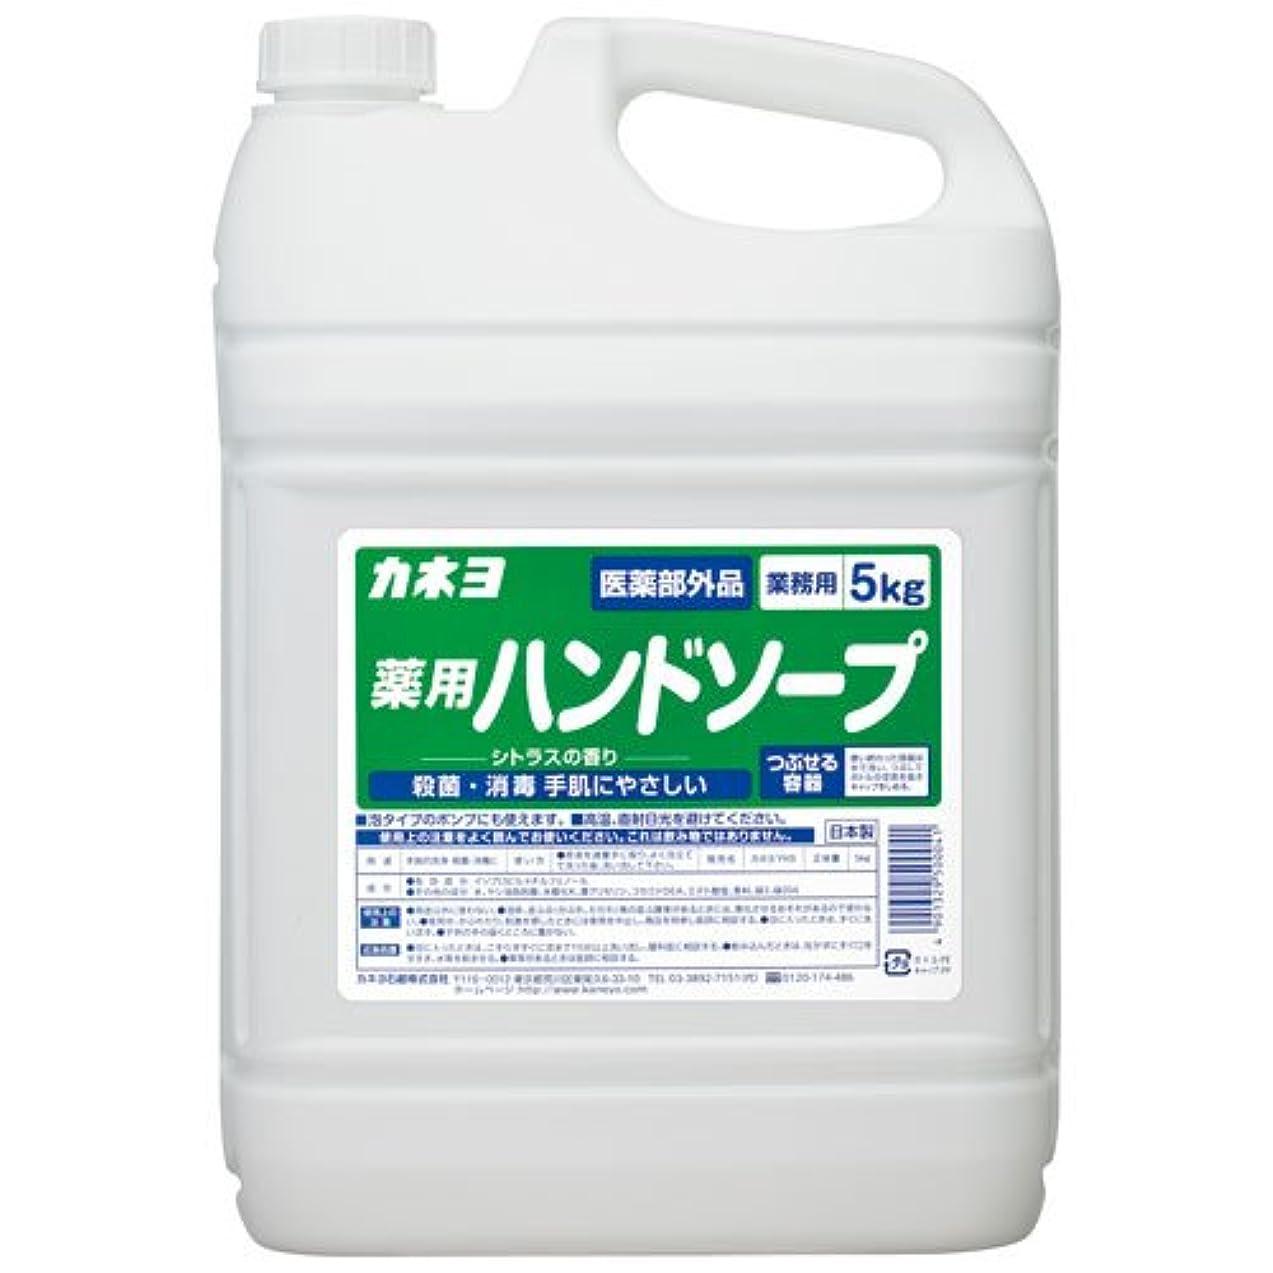 磁気曇った長椅子【ケース販売】業務用 カネヨ薬用ハンドソープ 5㎏×3本